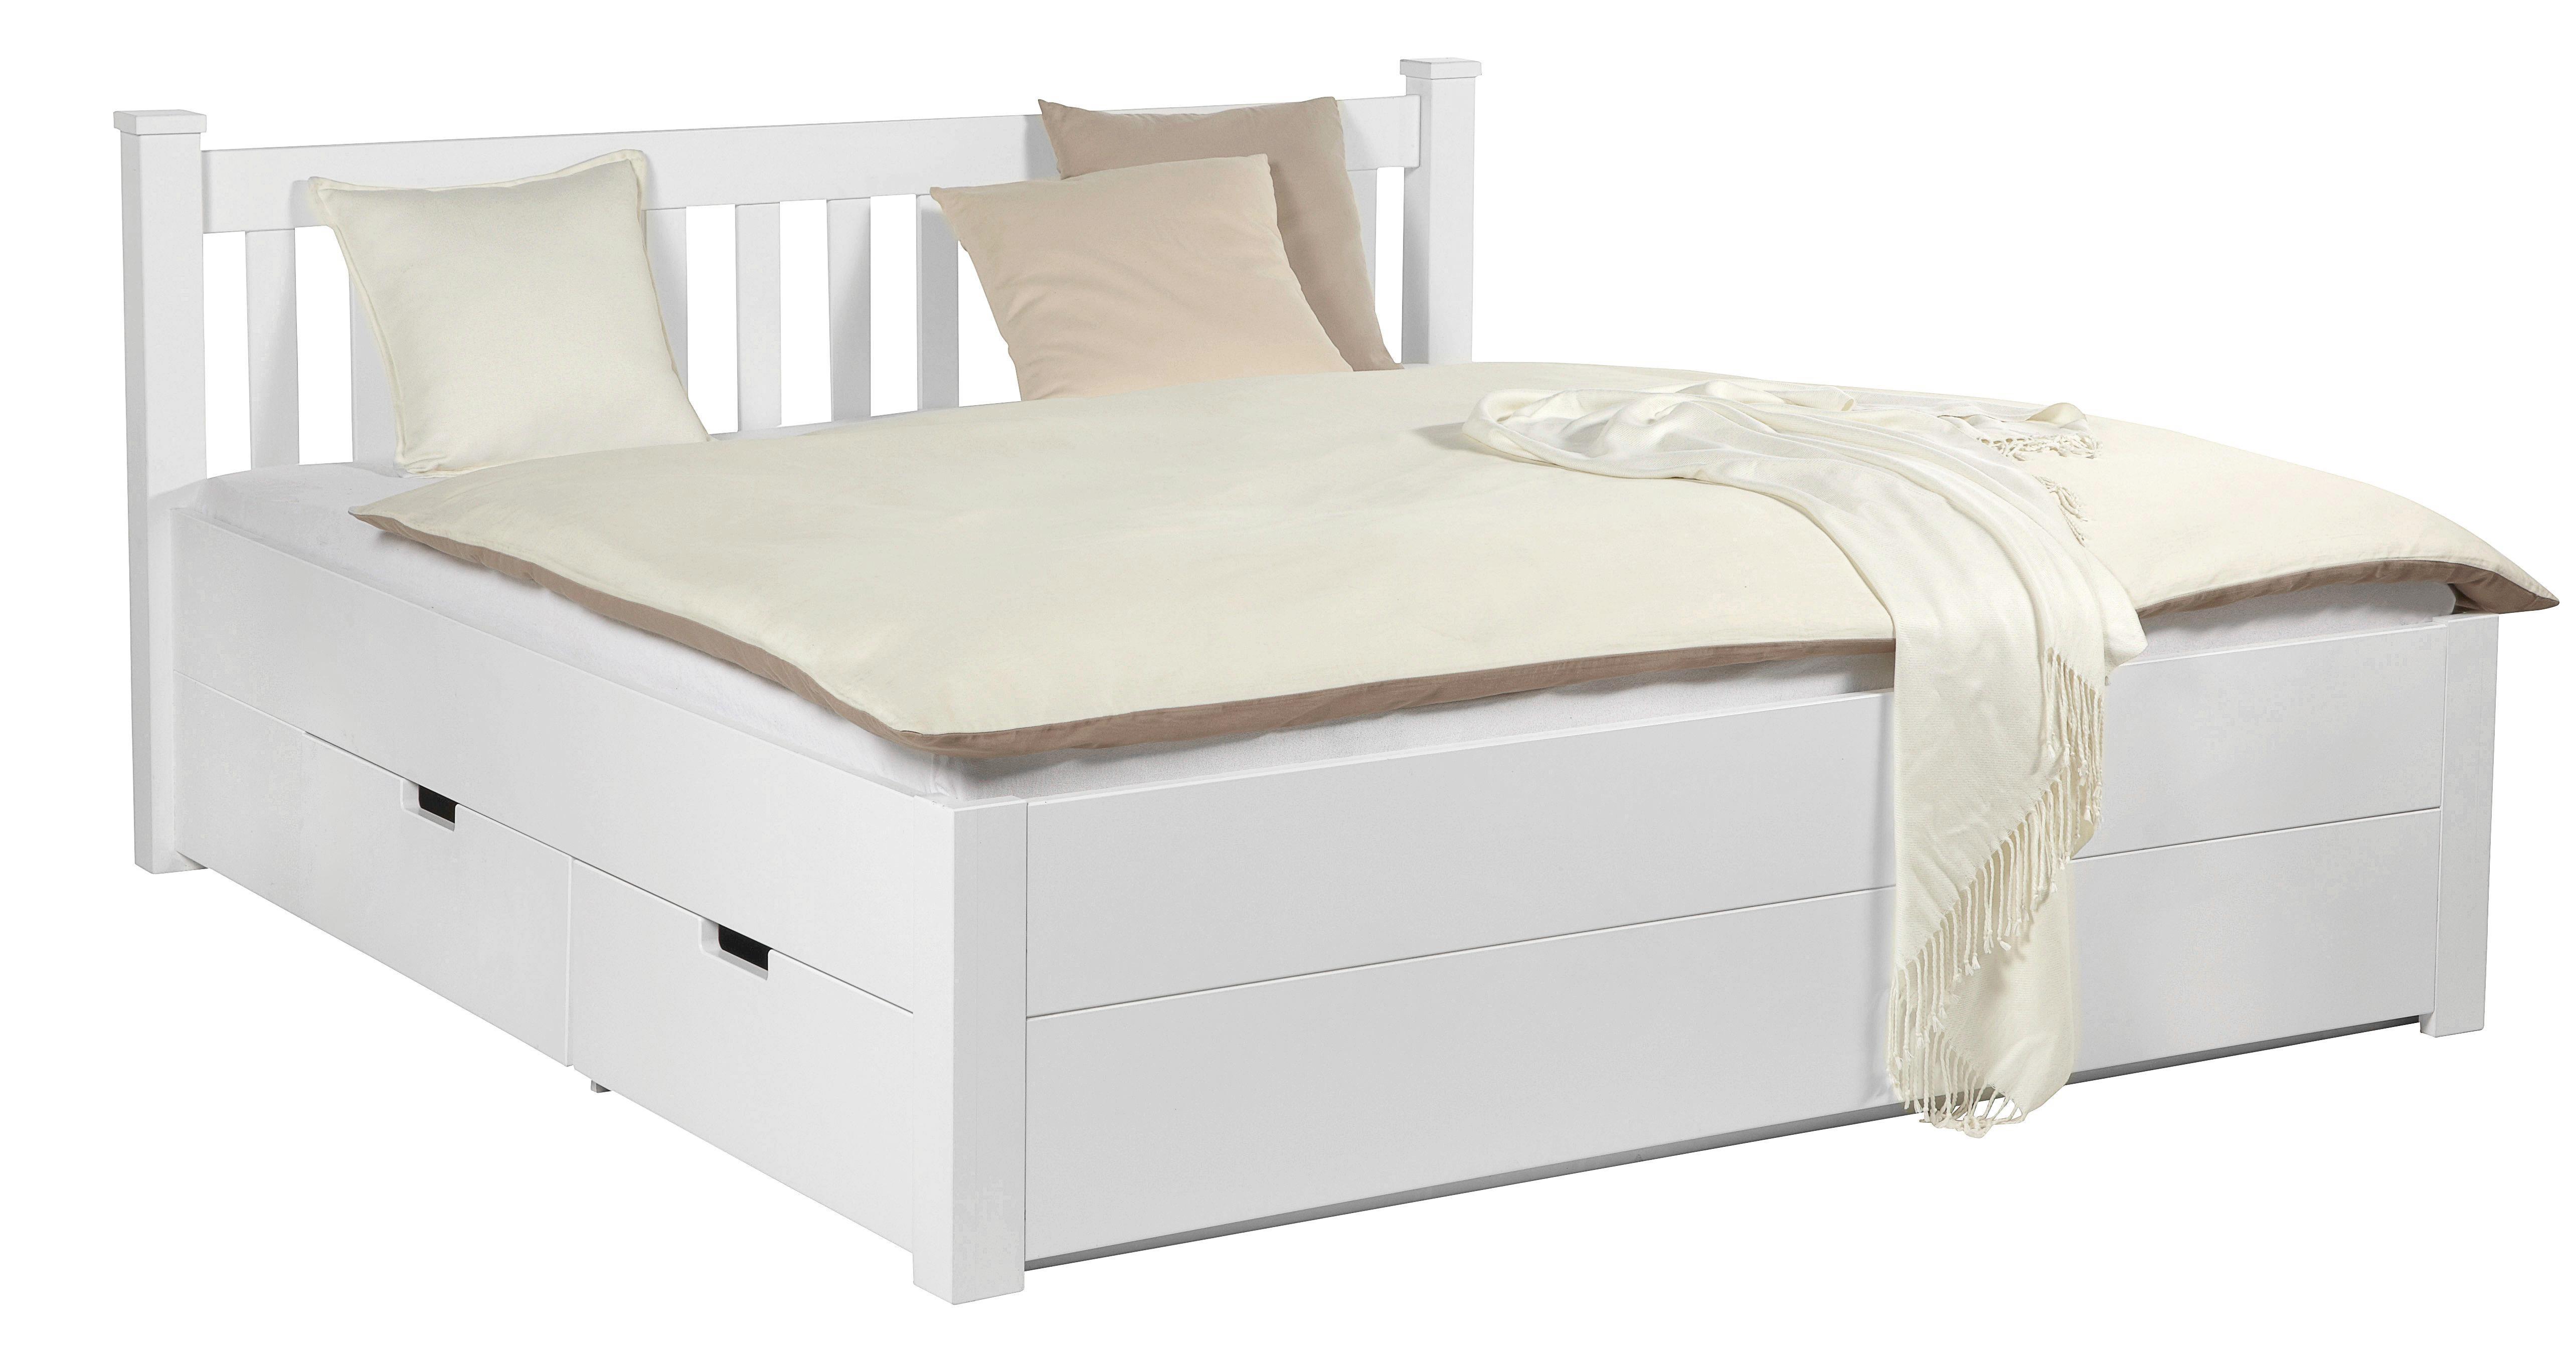 Bett Weiß 140x200cm   Weiß, ROMANTIK / LANDHAUS, Holz/Holzwerkstoff (140/